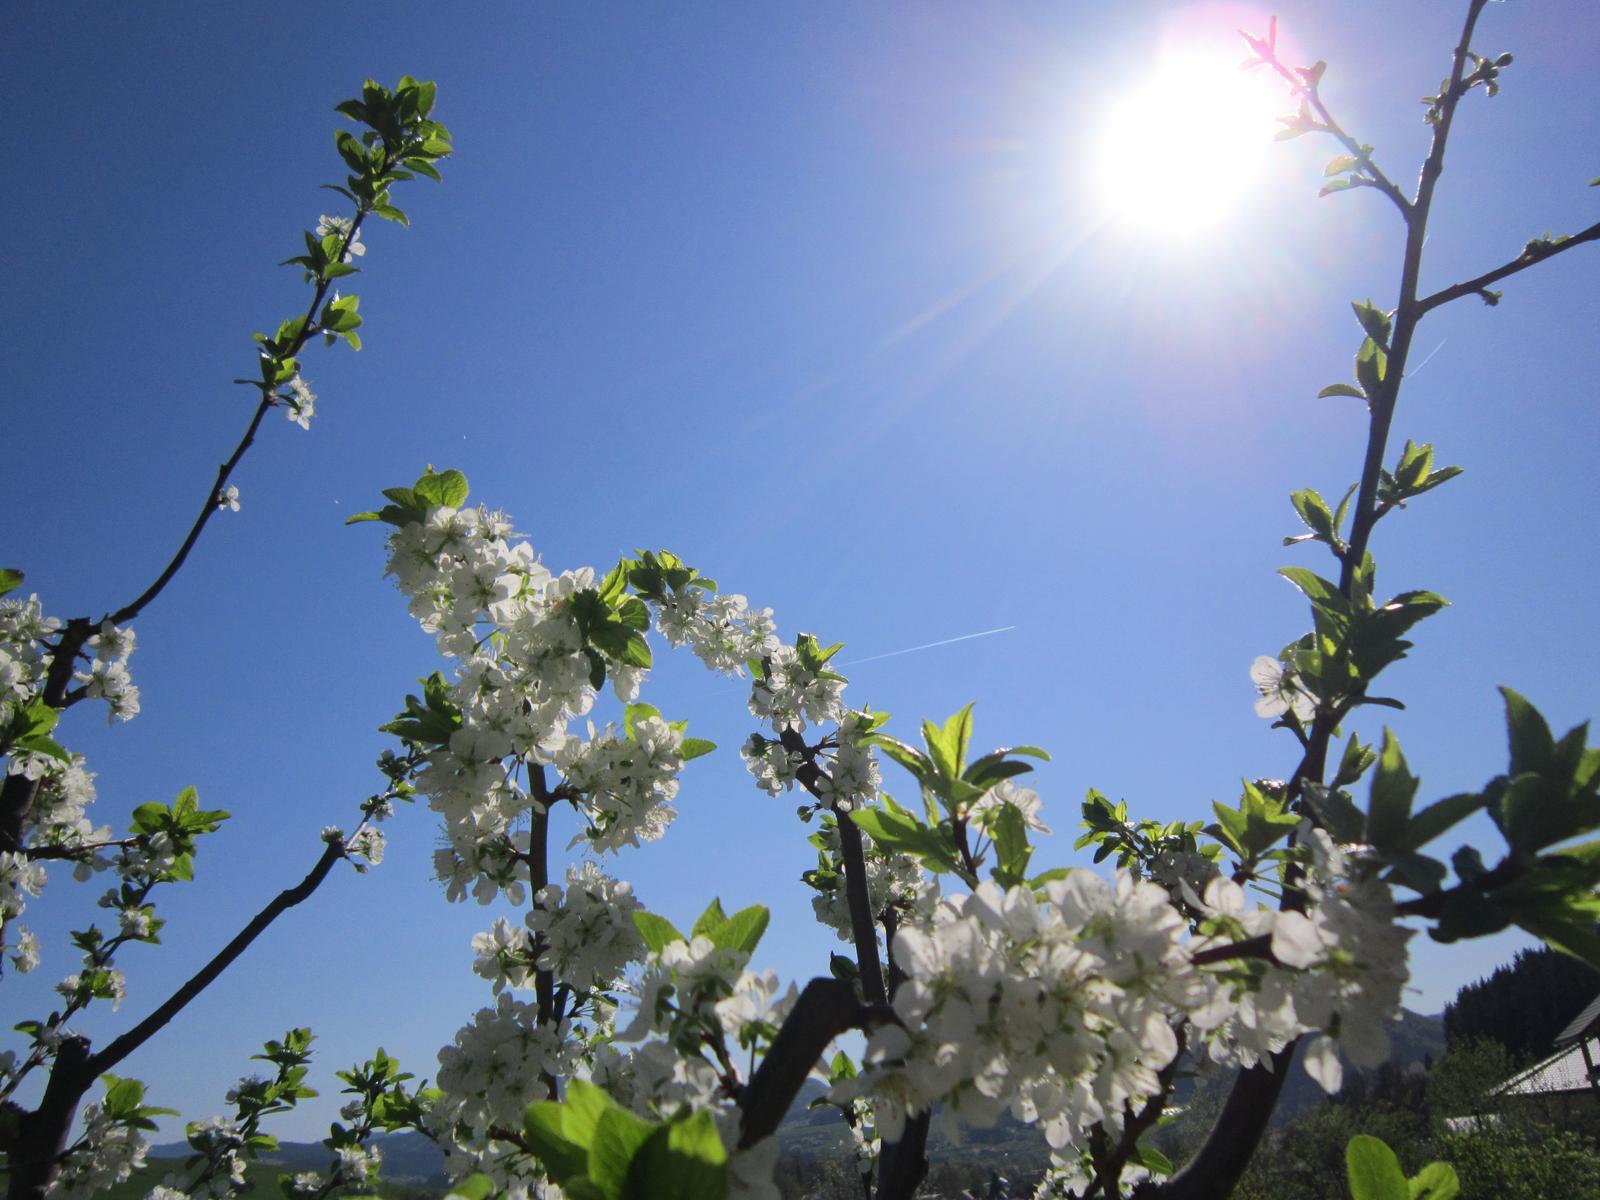 Pozvanie do našej jarnej záhrady - Obrázok č. 1